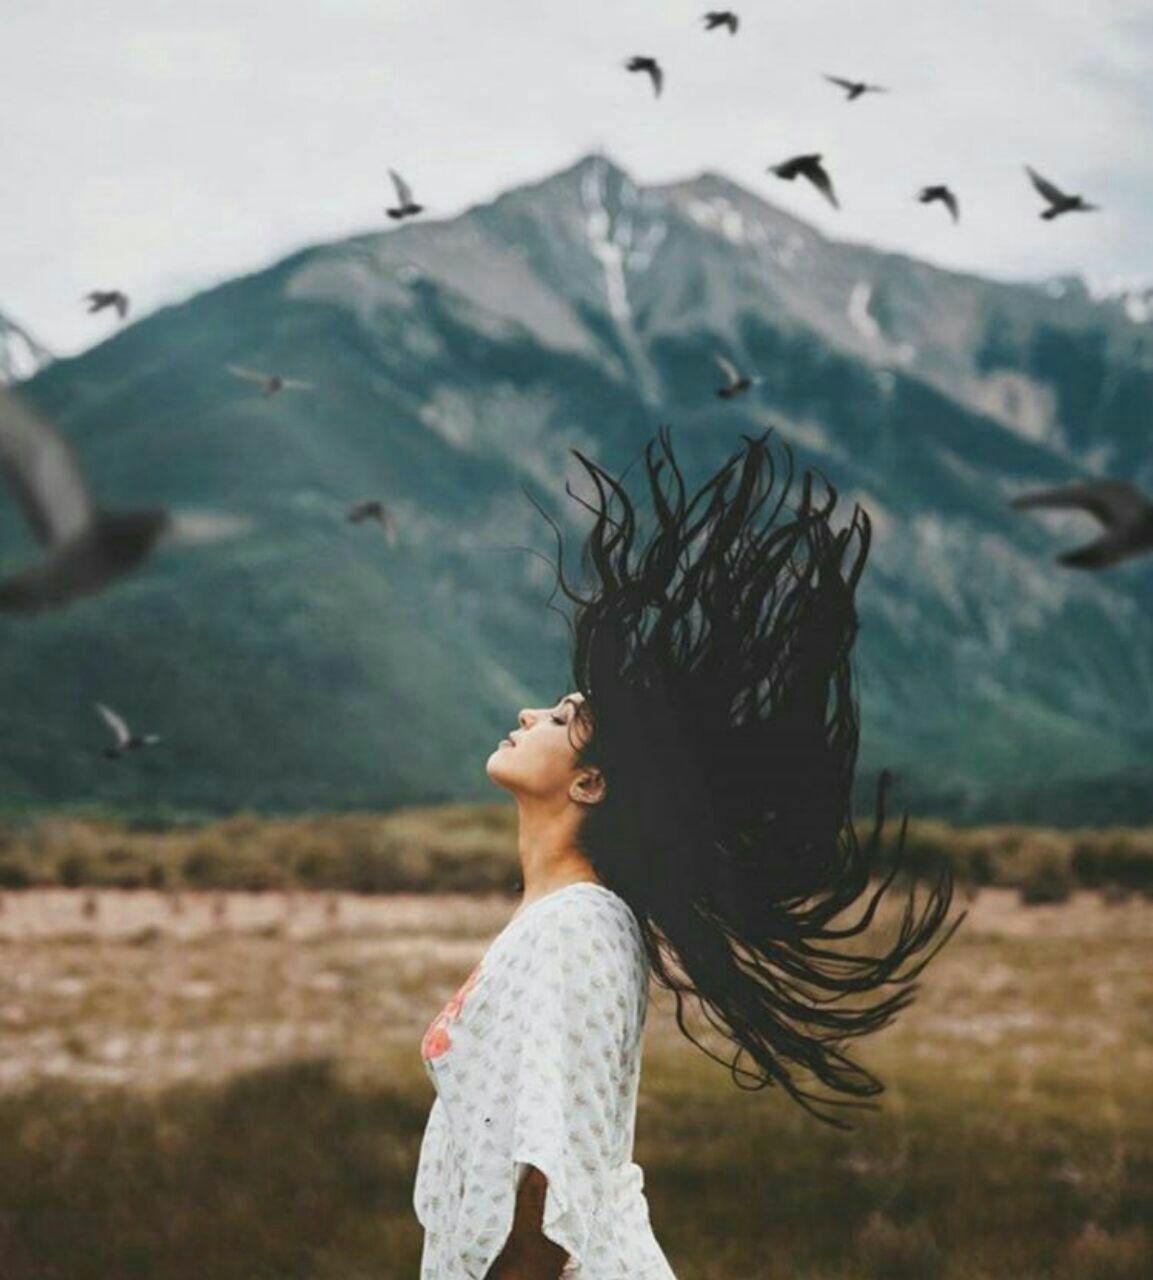 عکس دختر با موهای پریشان